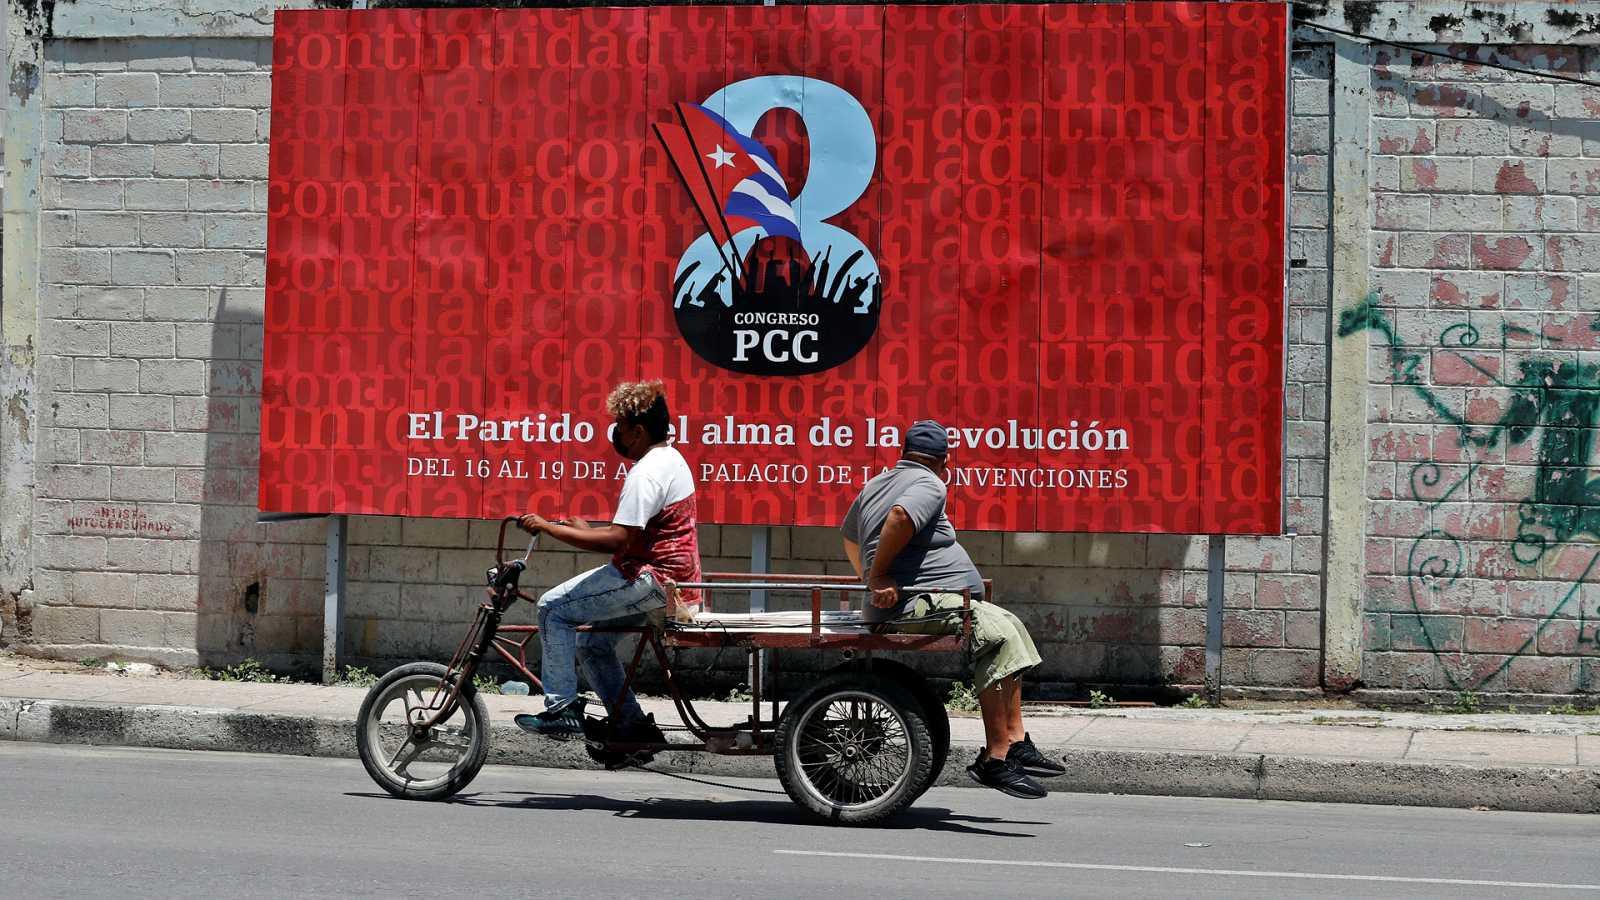 Hora América - VIII Congreso del Partido Comunista de Cuba: el relevo de Raúl Castro - 15/04/21 - Escuchar ahora